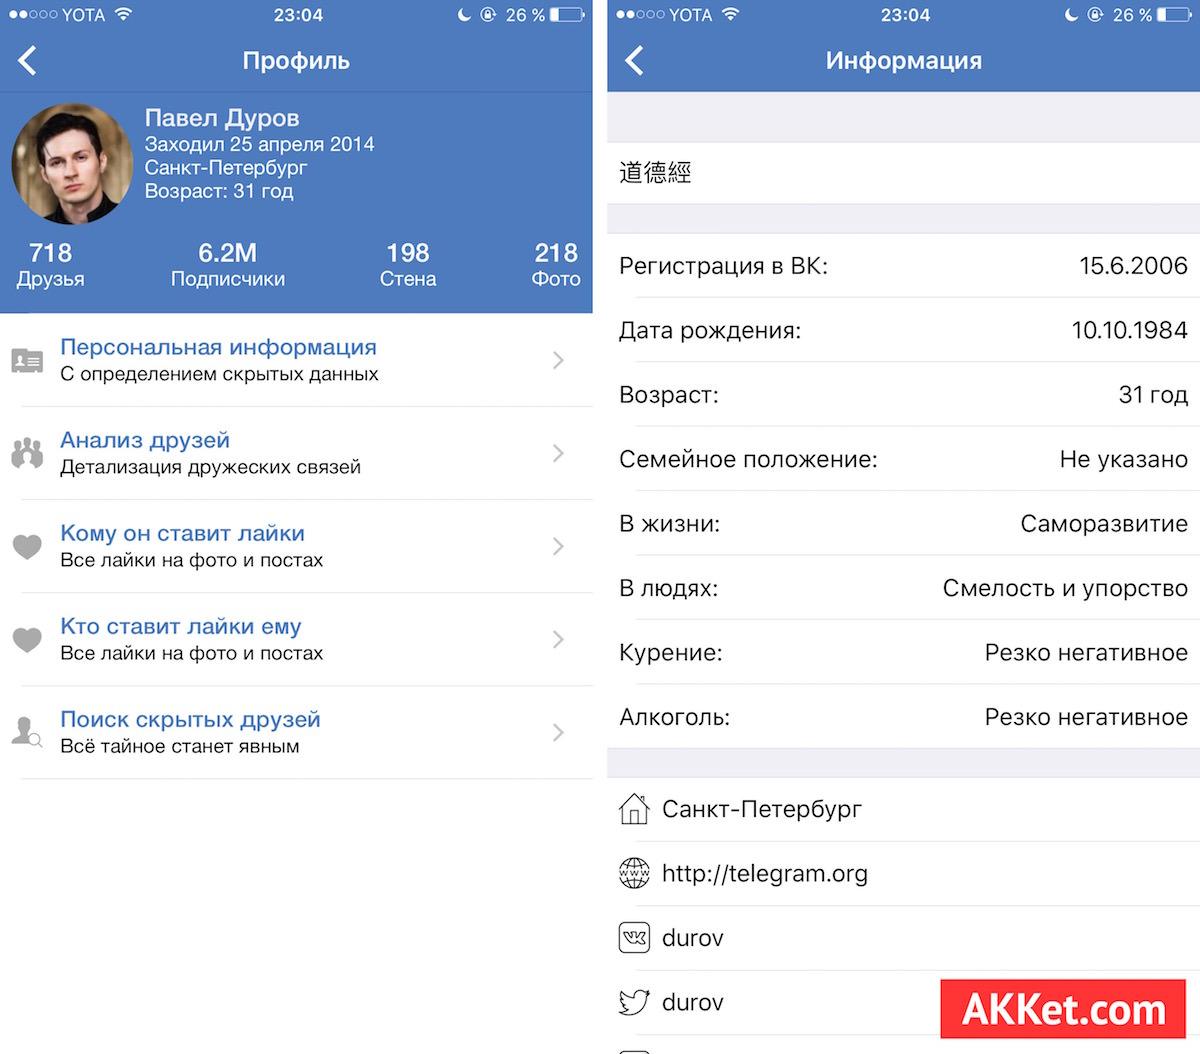 шпион для вк вконтакте iOS iPhone iPad App Store VK Vkontakte 2